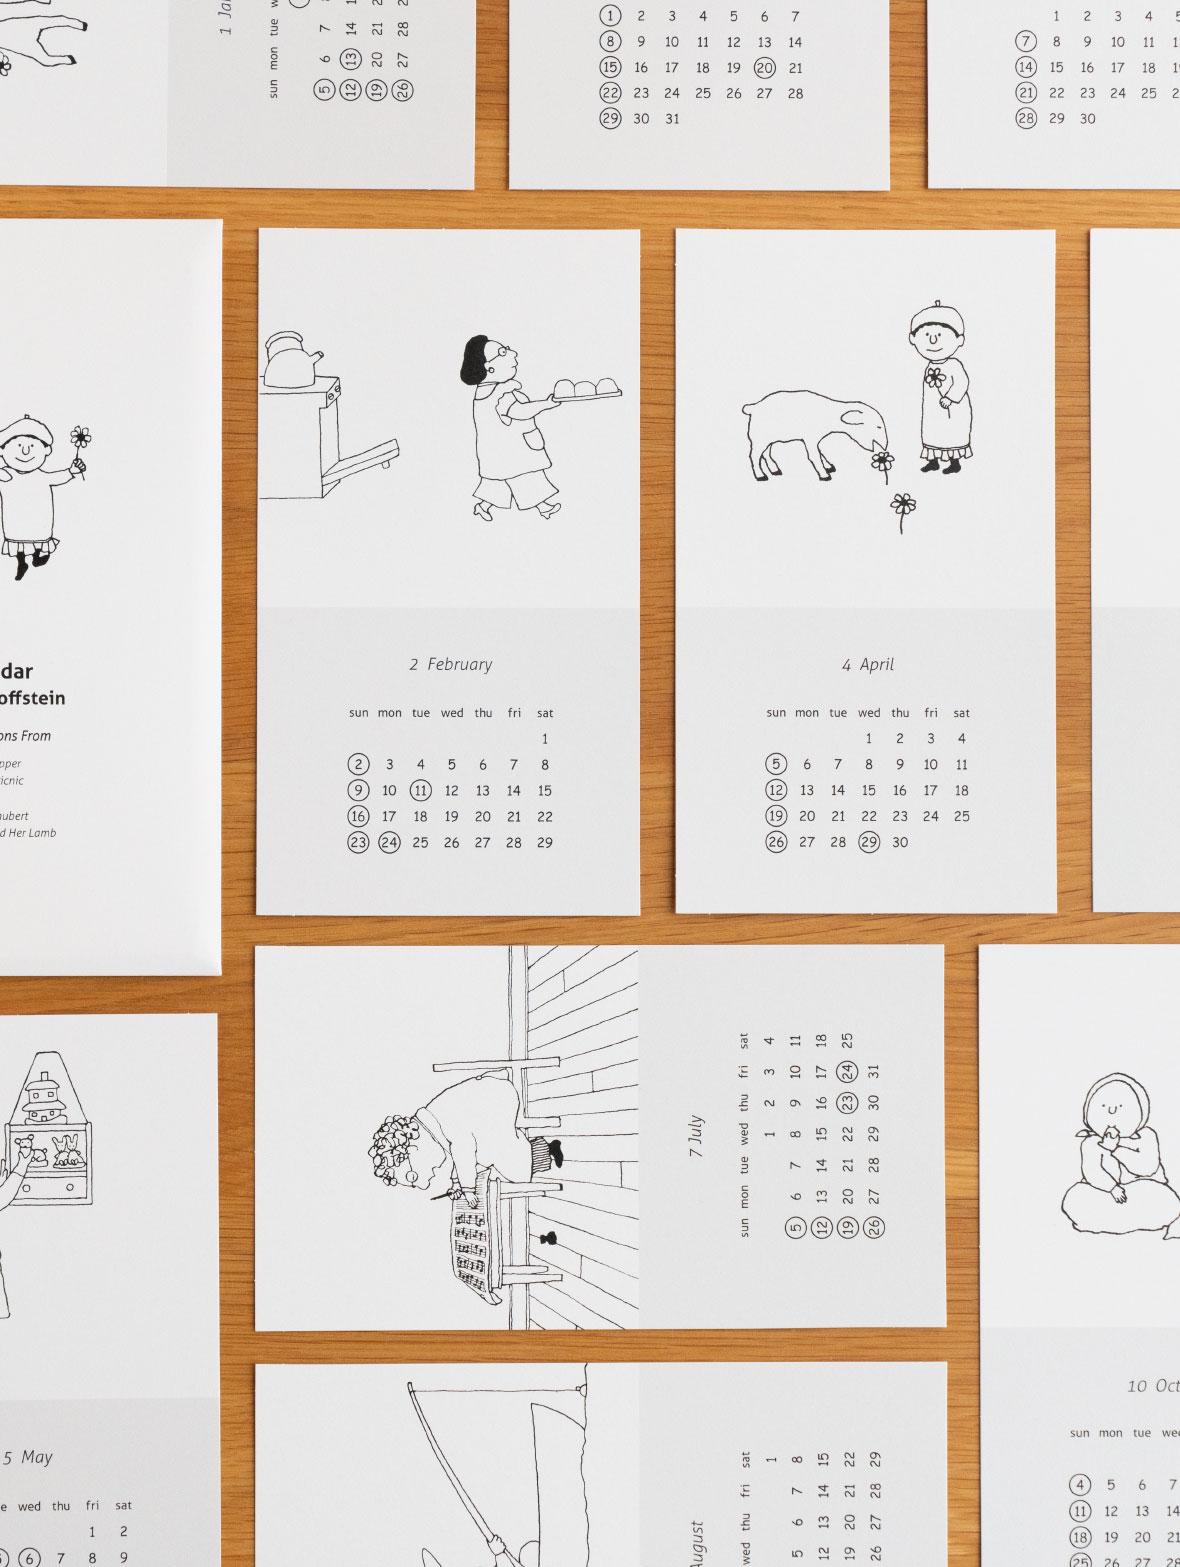 M.Bゴフスタイン 2020 カレンダー